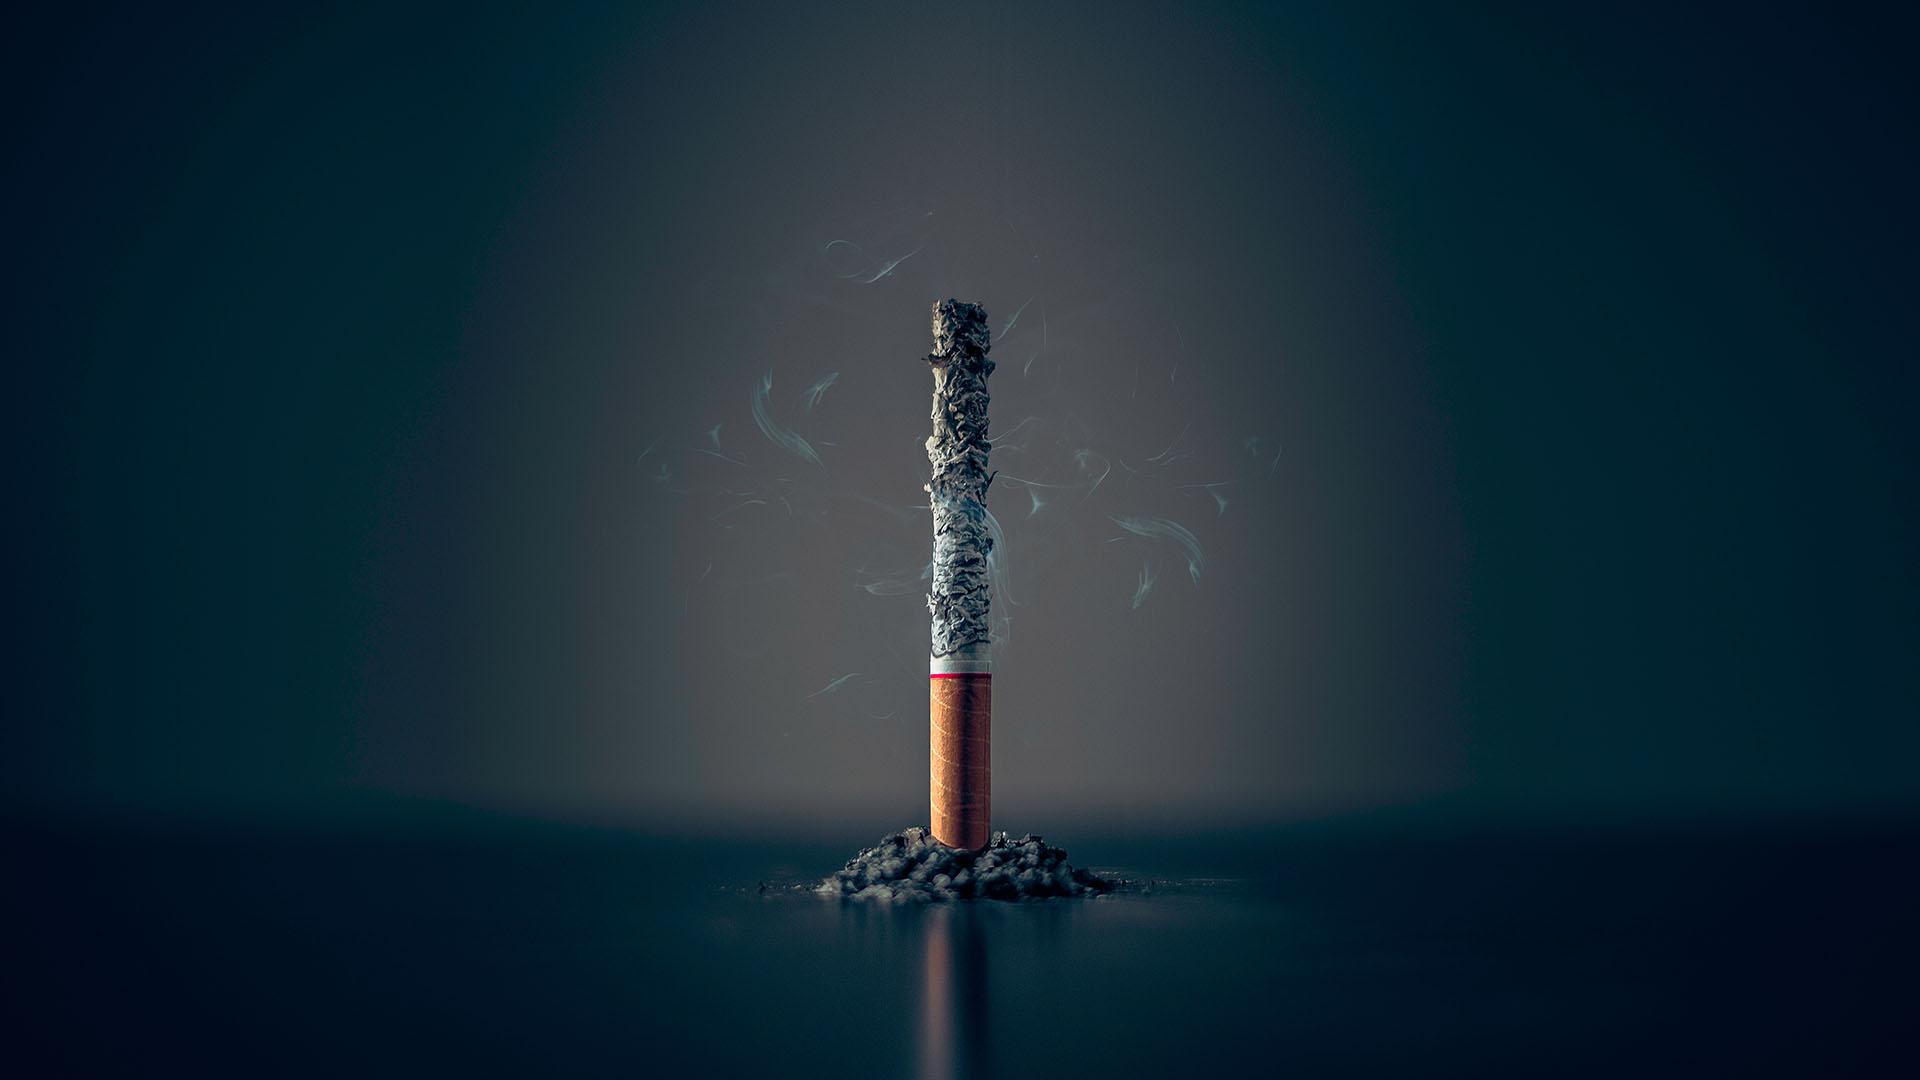 Smeráci chcú ľuďom zdražiť cigarety, a minister financií sa snaží hľadať peniaze do rozpočtu.